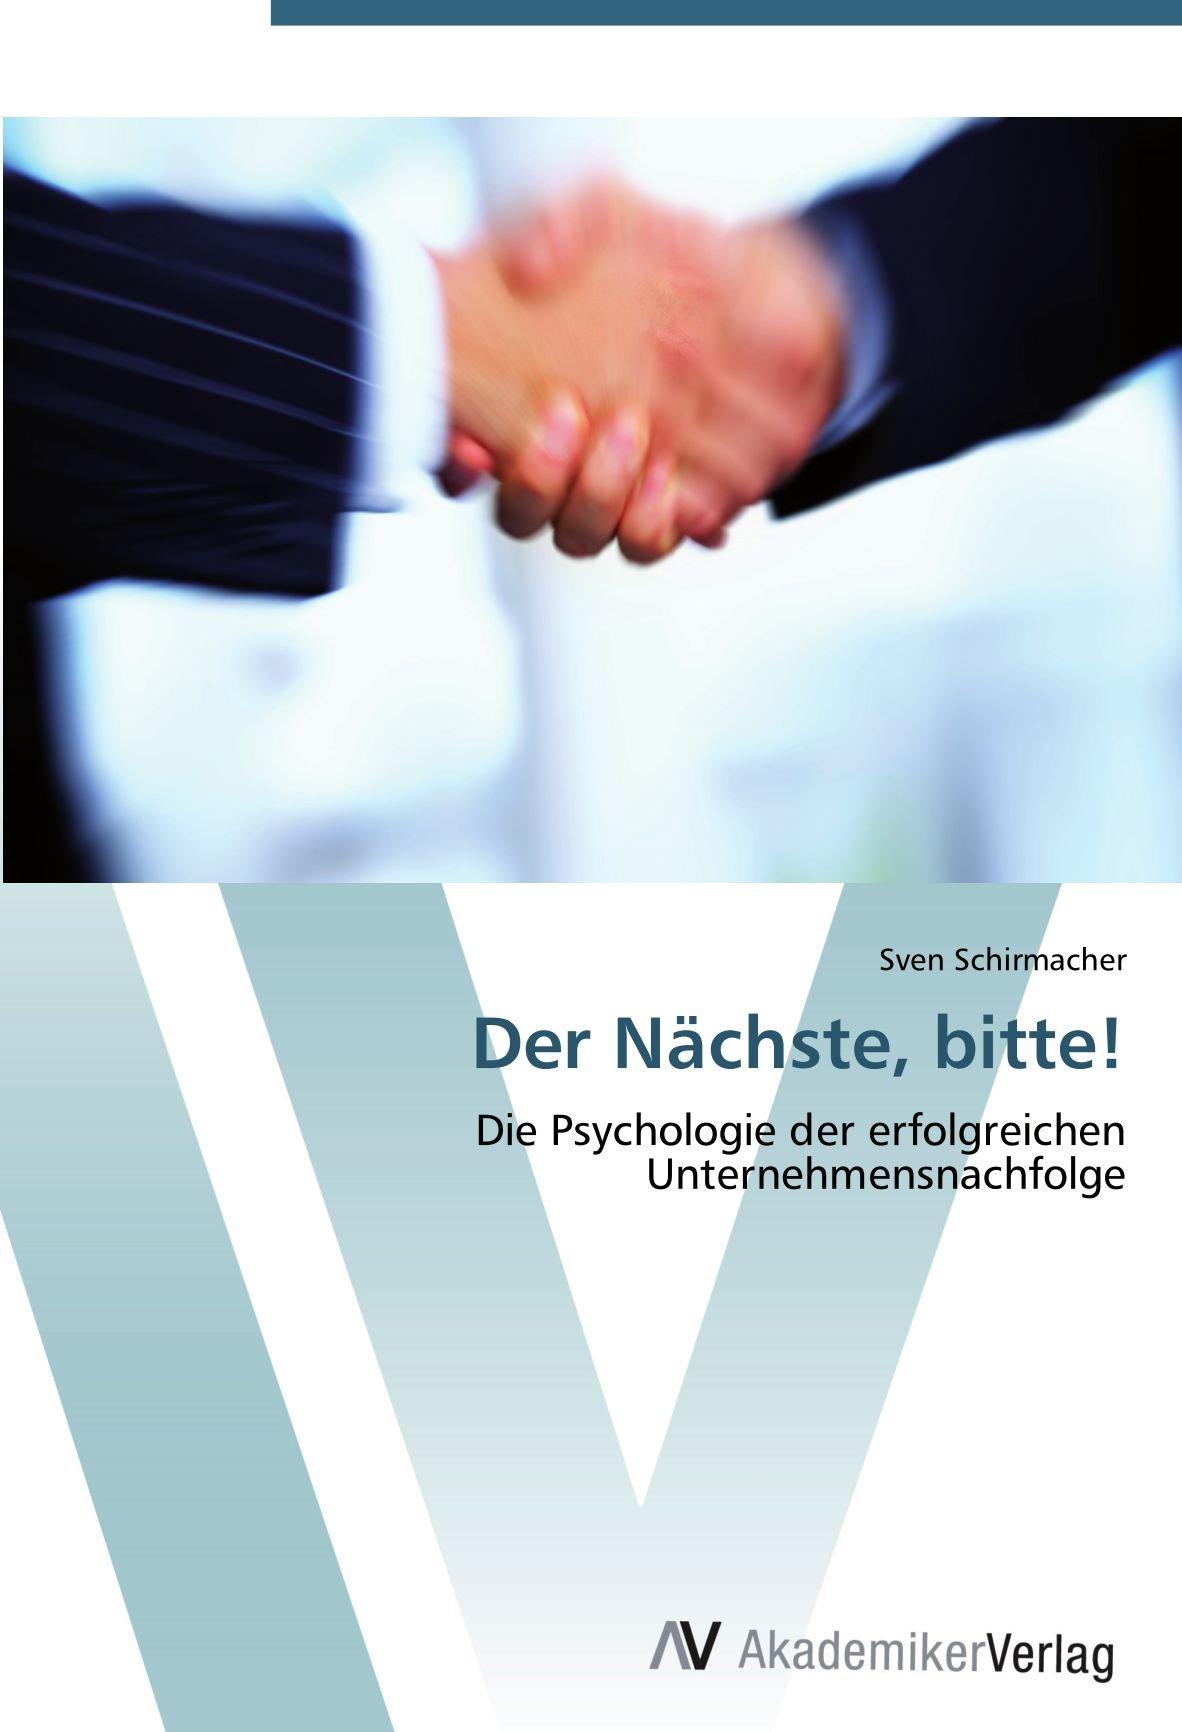 Der Nächste, bitte!: Die Psychologie der erfolgreichen Unternehmensnachfolge